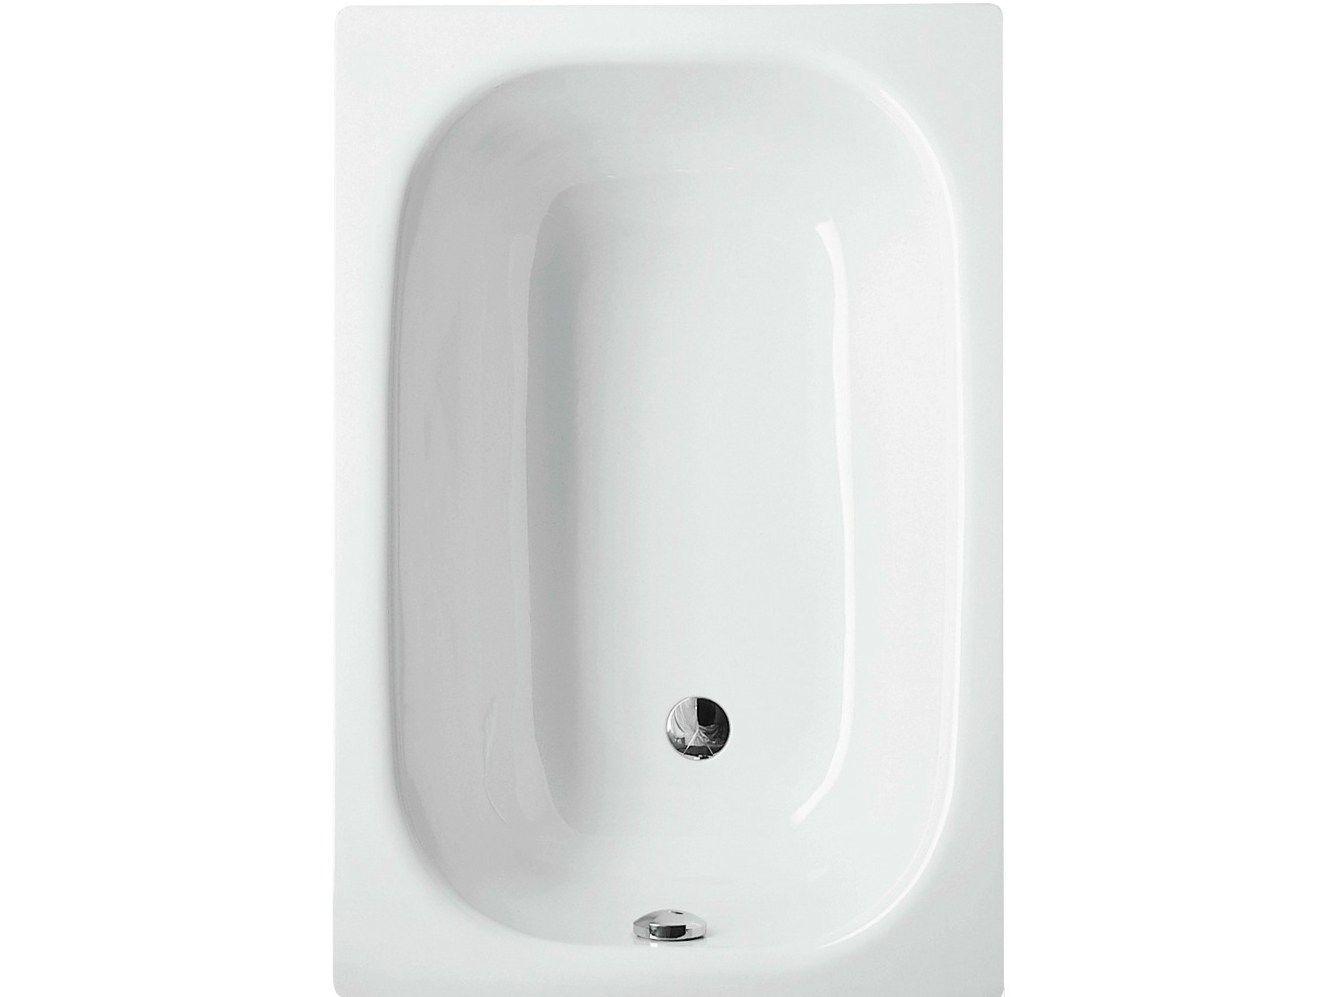 Vasca da bagno in acciaio smaltato da incasso labette by bette - Vasche da bagno in acciaio smaltato ...